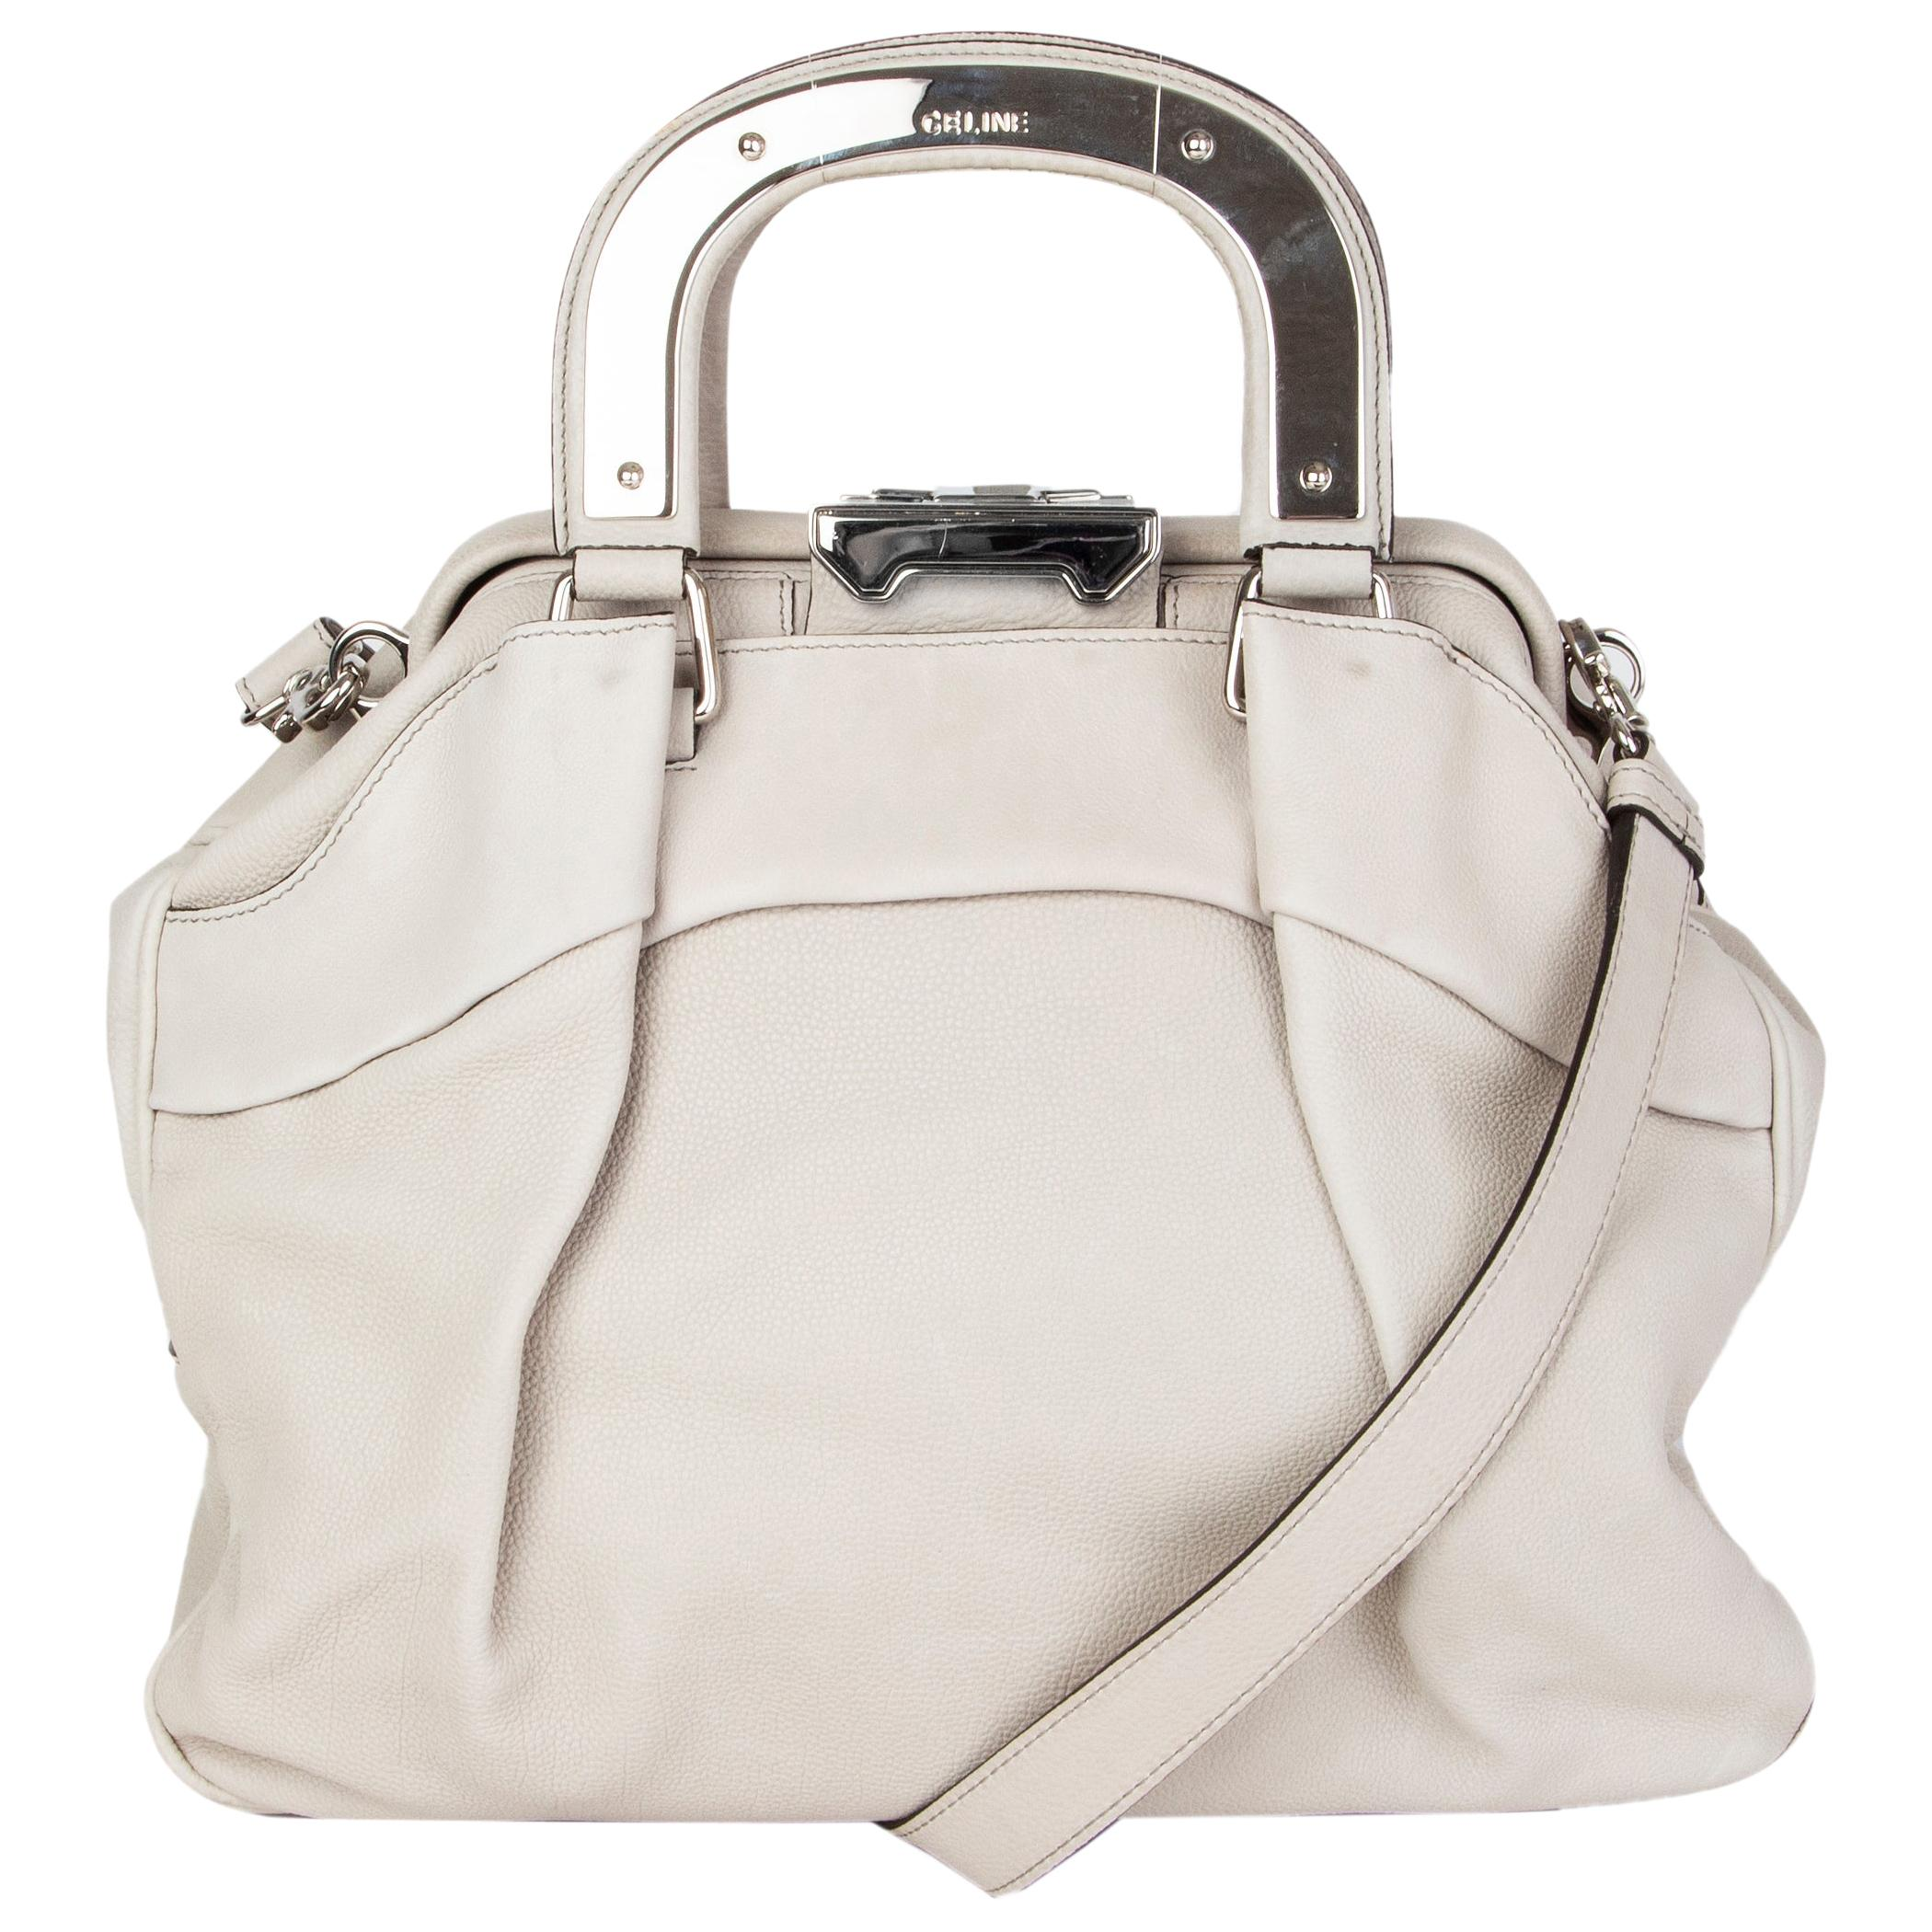 CELINE pale grey grained leather SOFT FRAME DOCTOR Bag